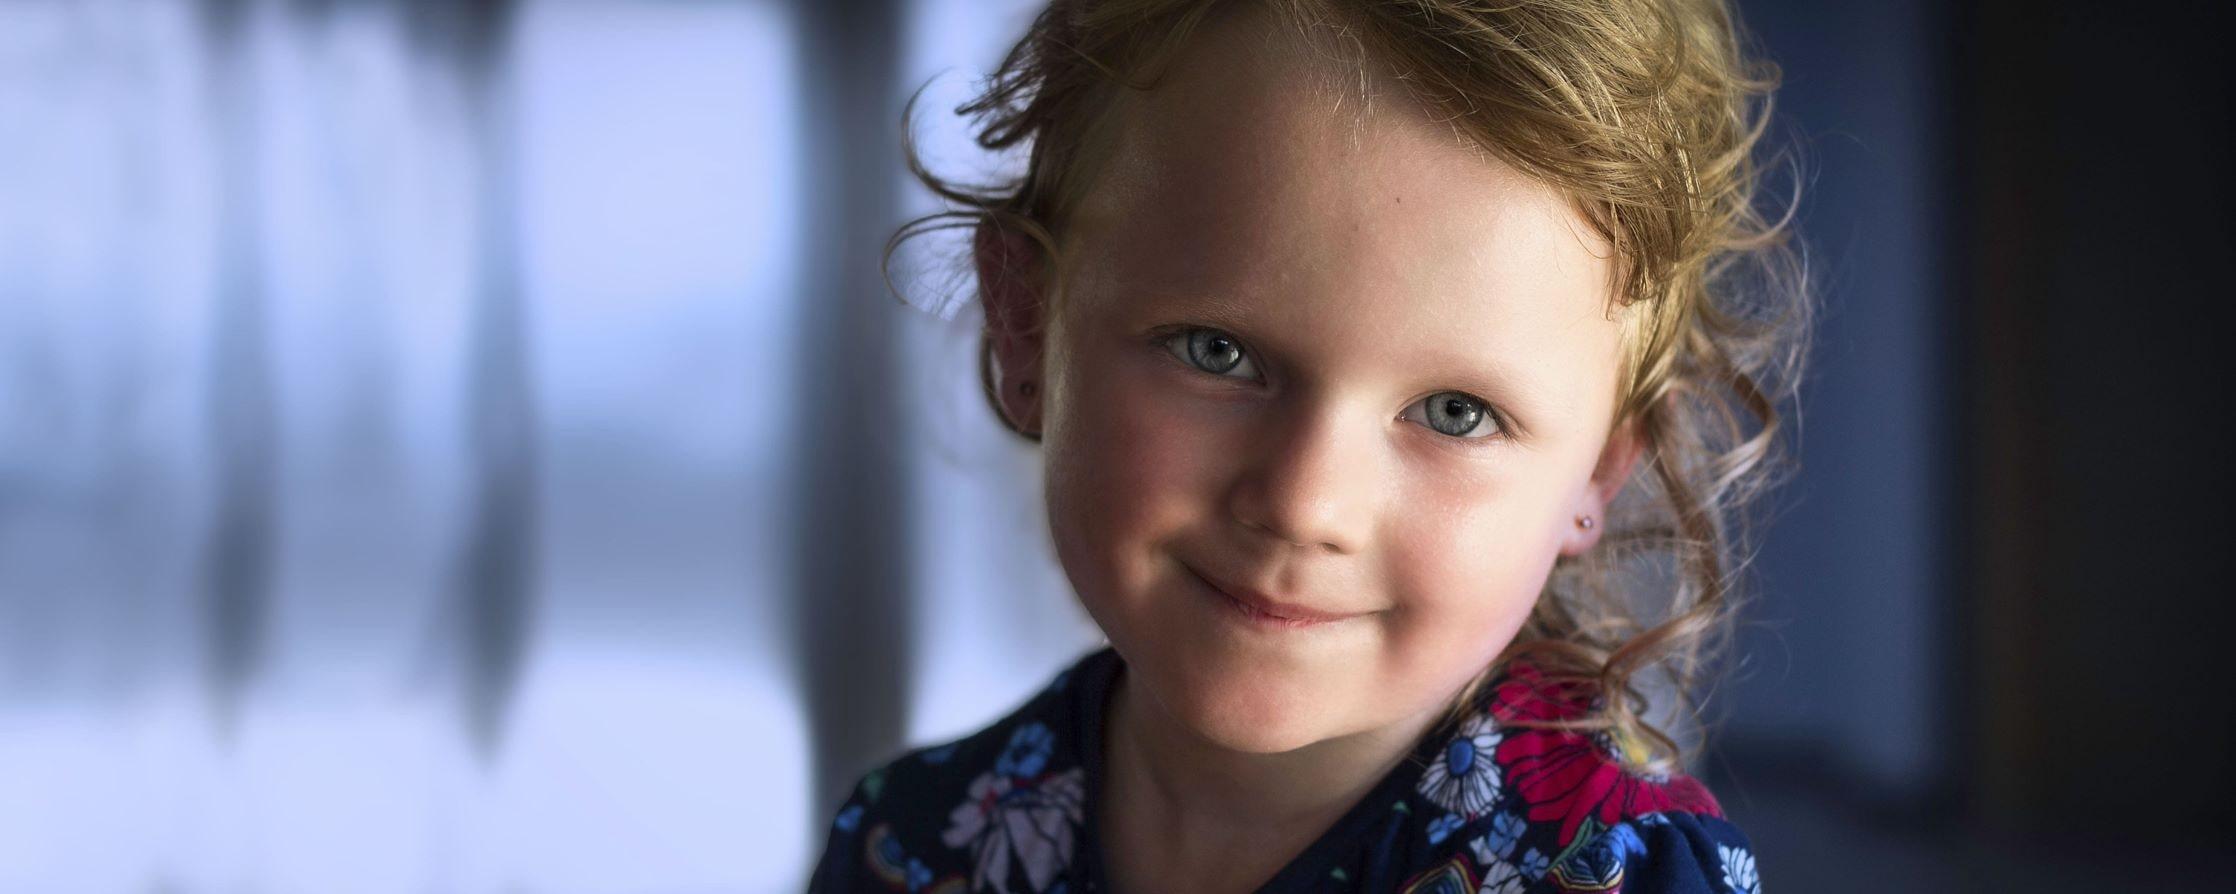 Montessori en casa - etapa de 3 a 6 años 1